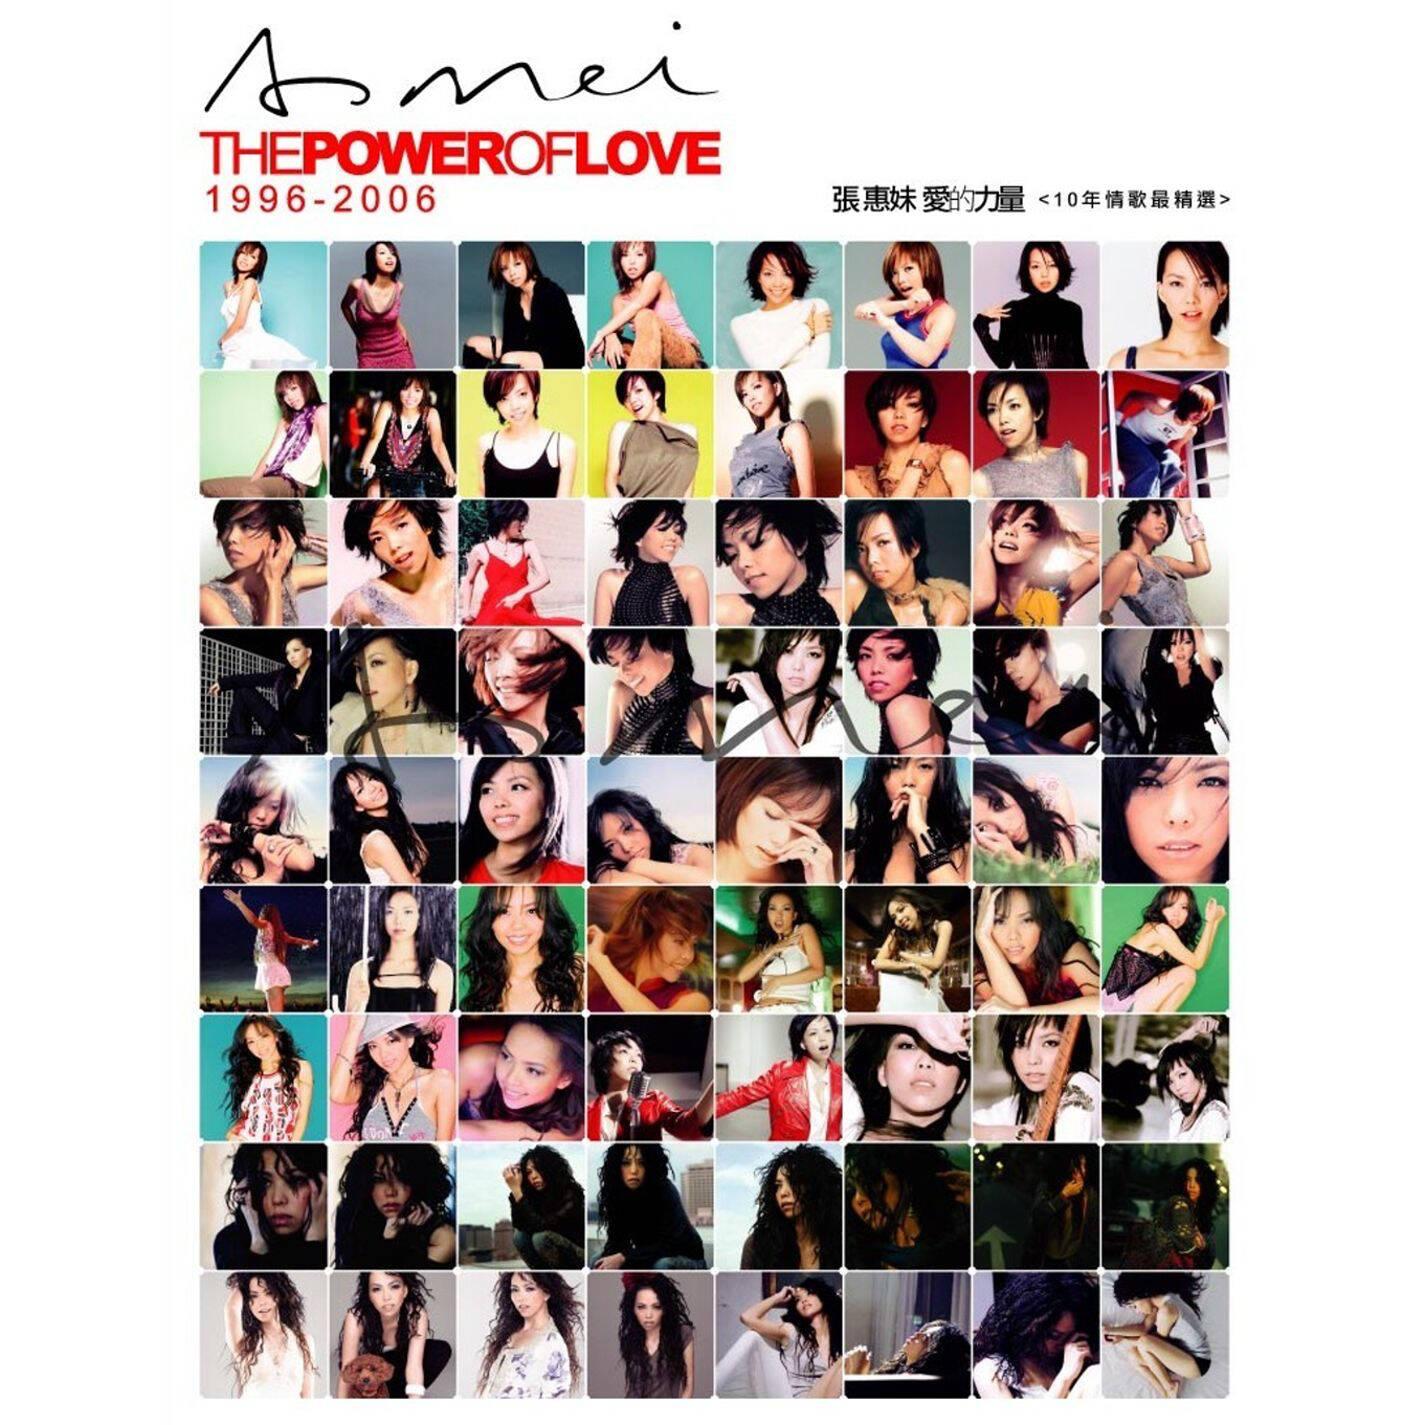 張惠妹 A-mei – 愛的力量 (2007) [WAV 整軌]